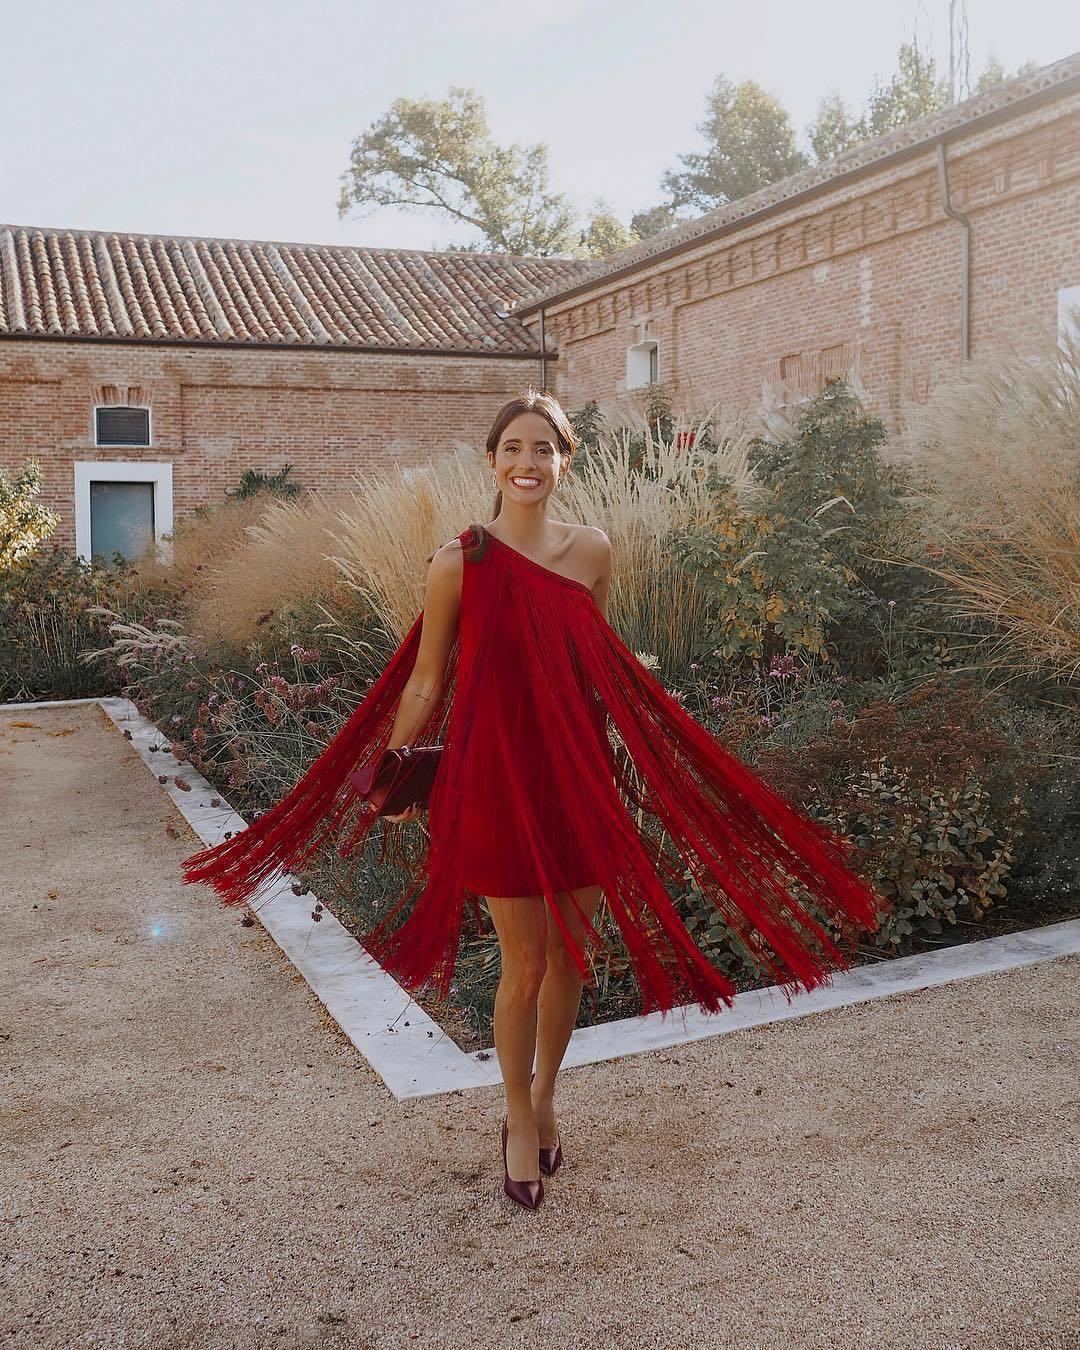 La instagrammer María Fernández Rubiés co un diseño corto...